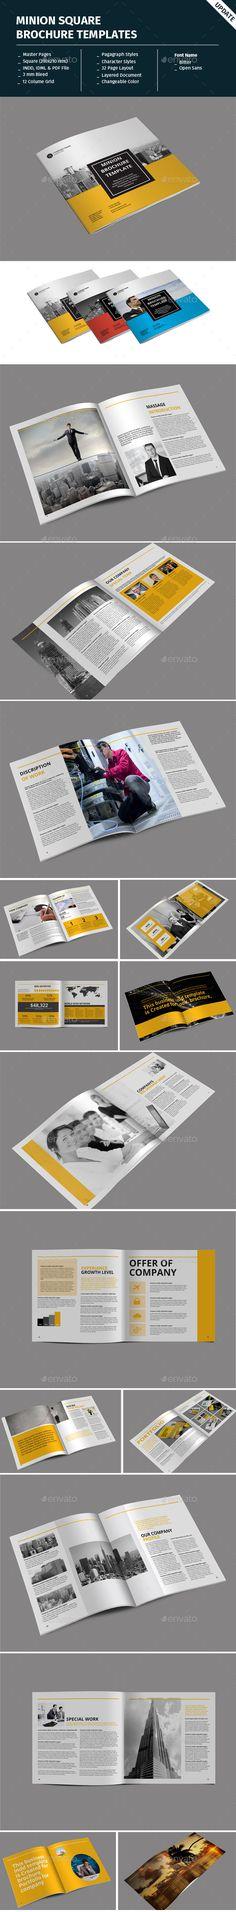 Minion Square Brochure Templates - Corporate Brochures #landscapebrochure,landscape bi-fold brochure mock-up,#landscapebrochuremock-up,#landscapebrochuretemplate,#A4landscapebrochuretemplate,#landscapebrochurePSDfree,#freelandscapebrochuretemplate,#landscapebrochuredesigntemplates,a4 landscape brochure template landscape brochure template psd landscape brochure psd free landscape brochure size